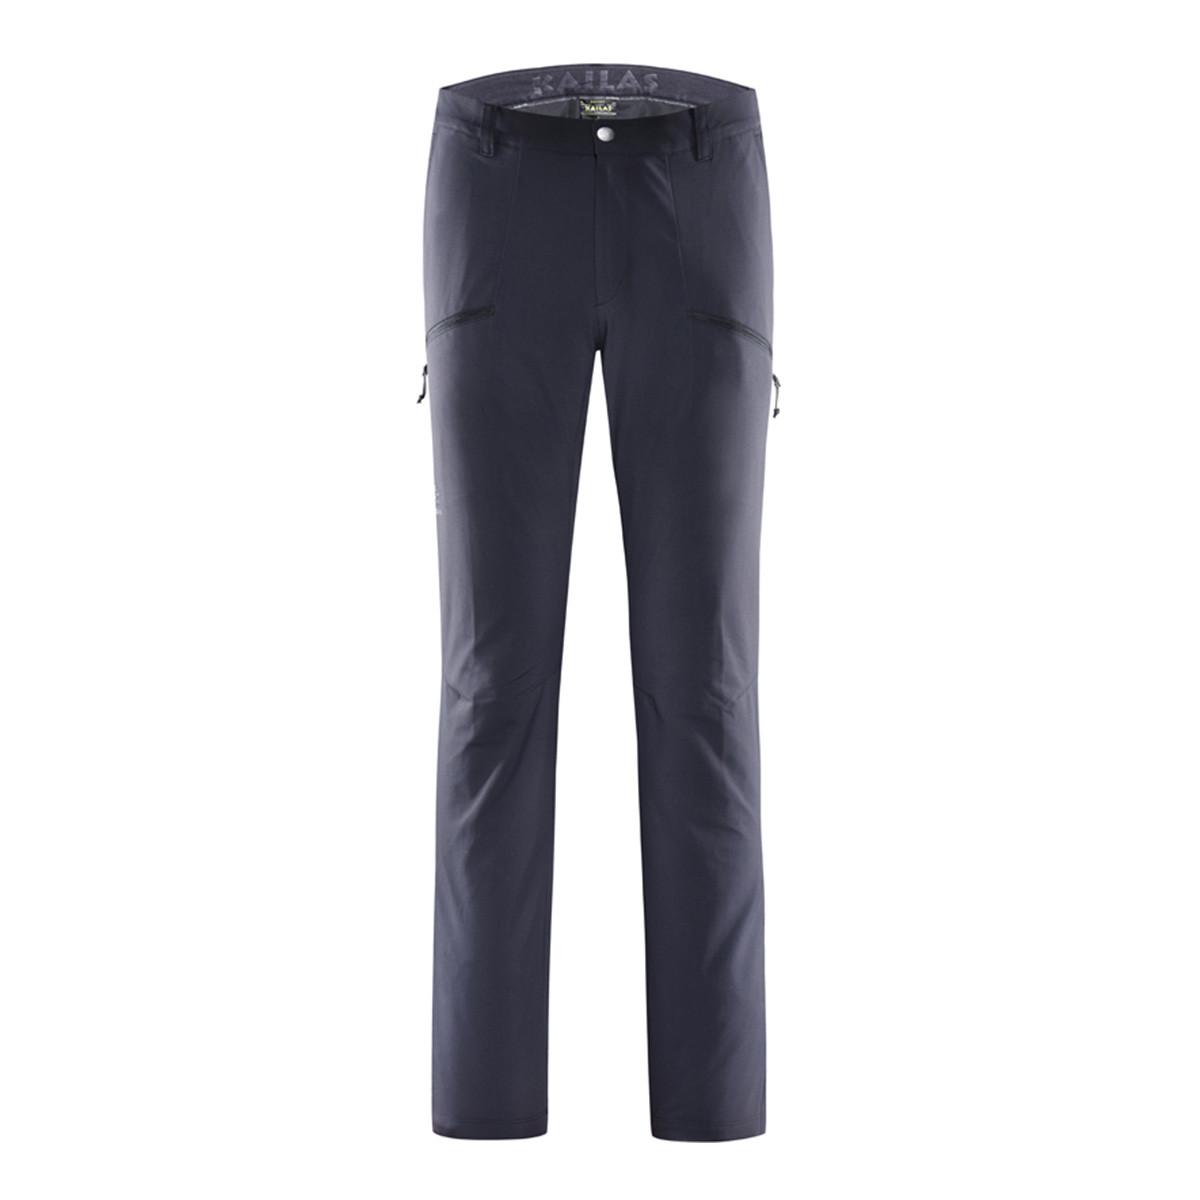 凯乐石户外登山徒步运动 男款微弹双层防风长裤KG51032217000